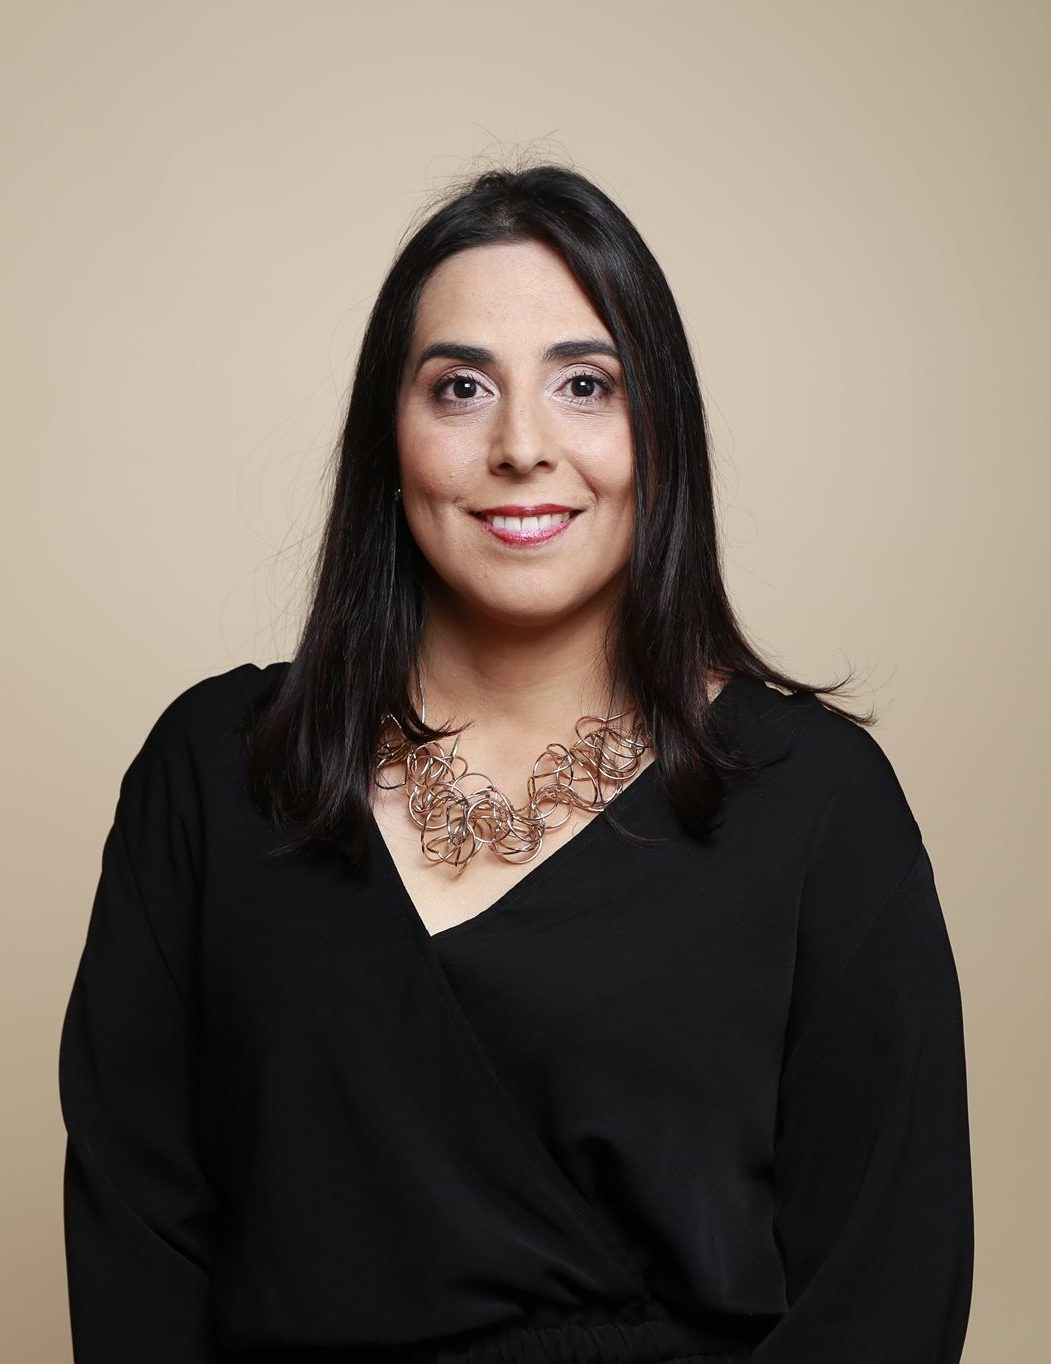 Silvia Pérez Baires